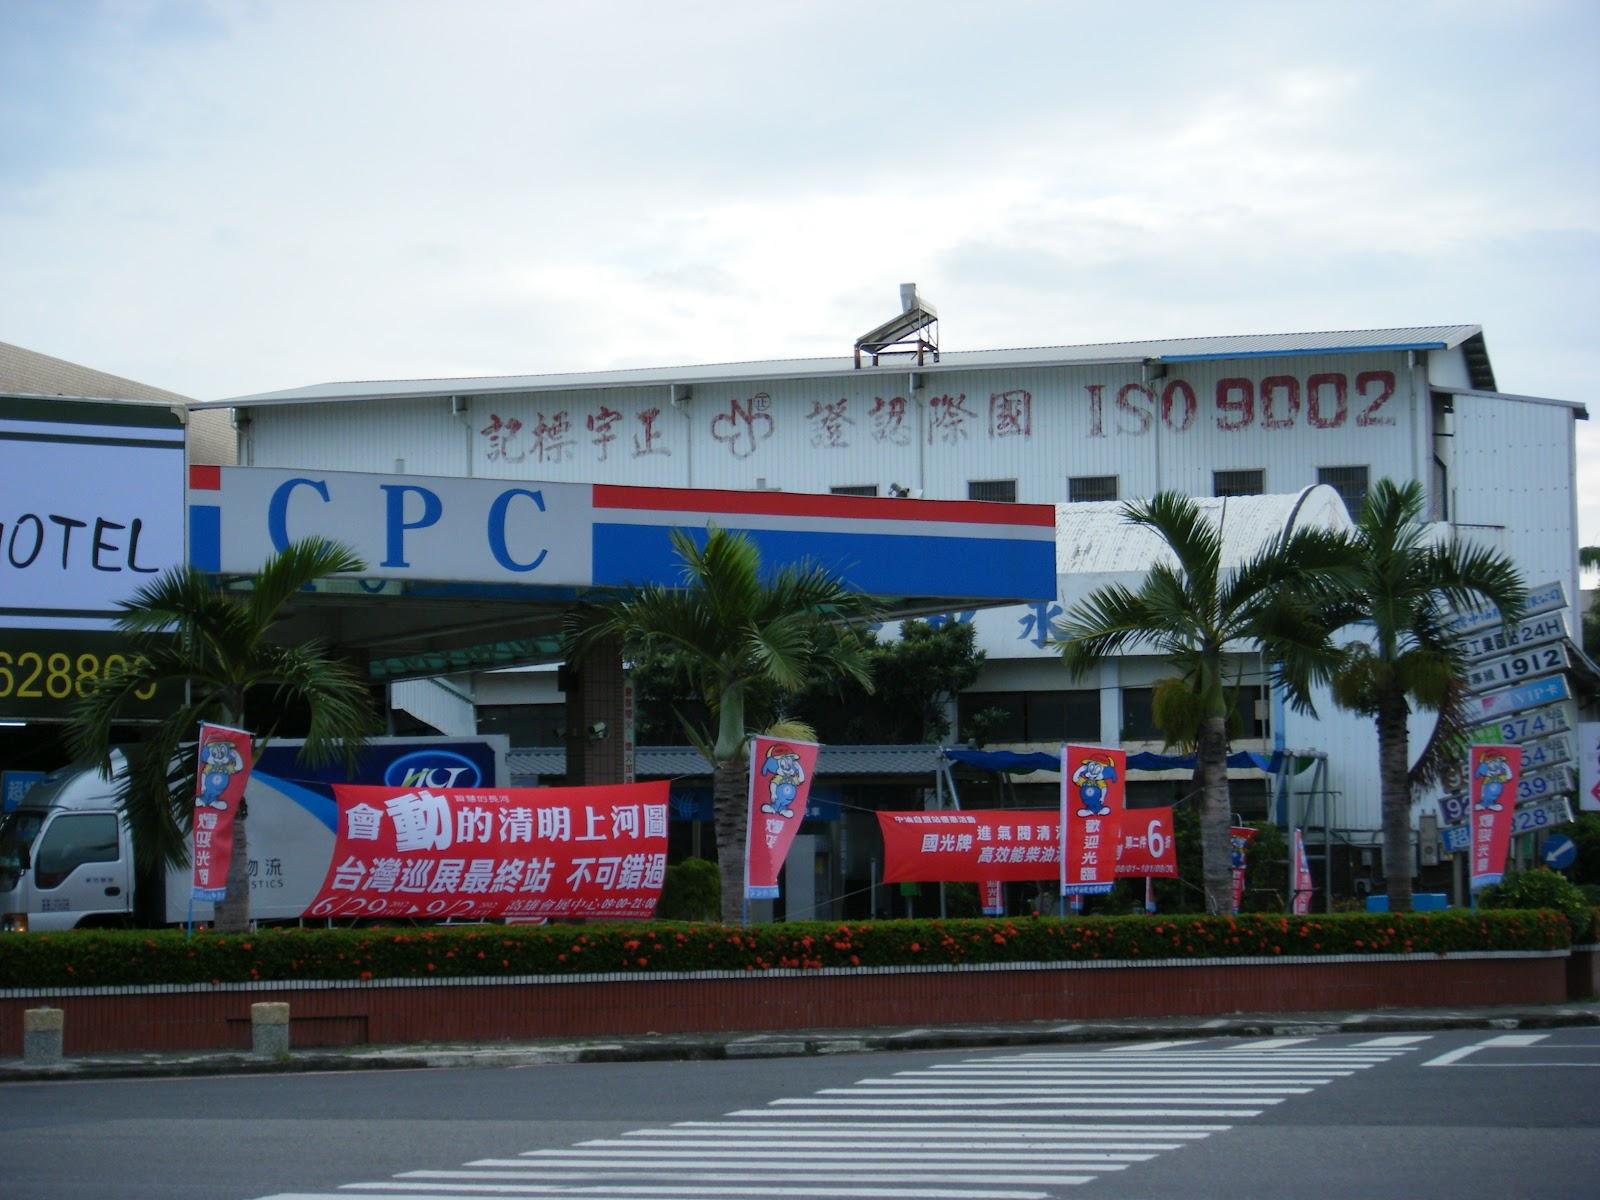 加油站調查 - 南區: 臺灣中油安平工業區站調查-蓉